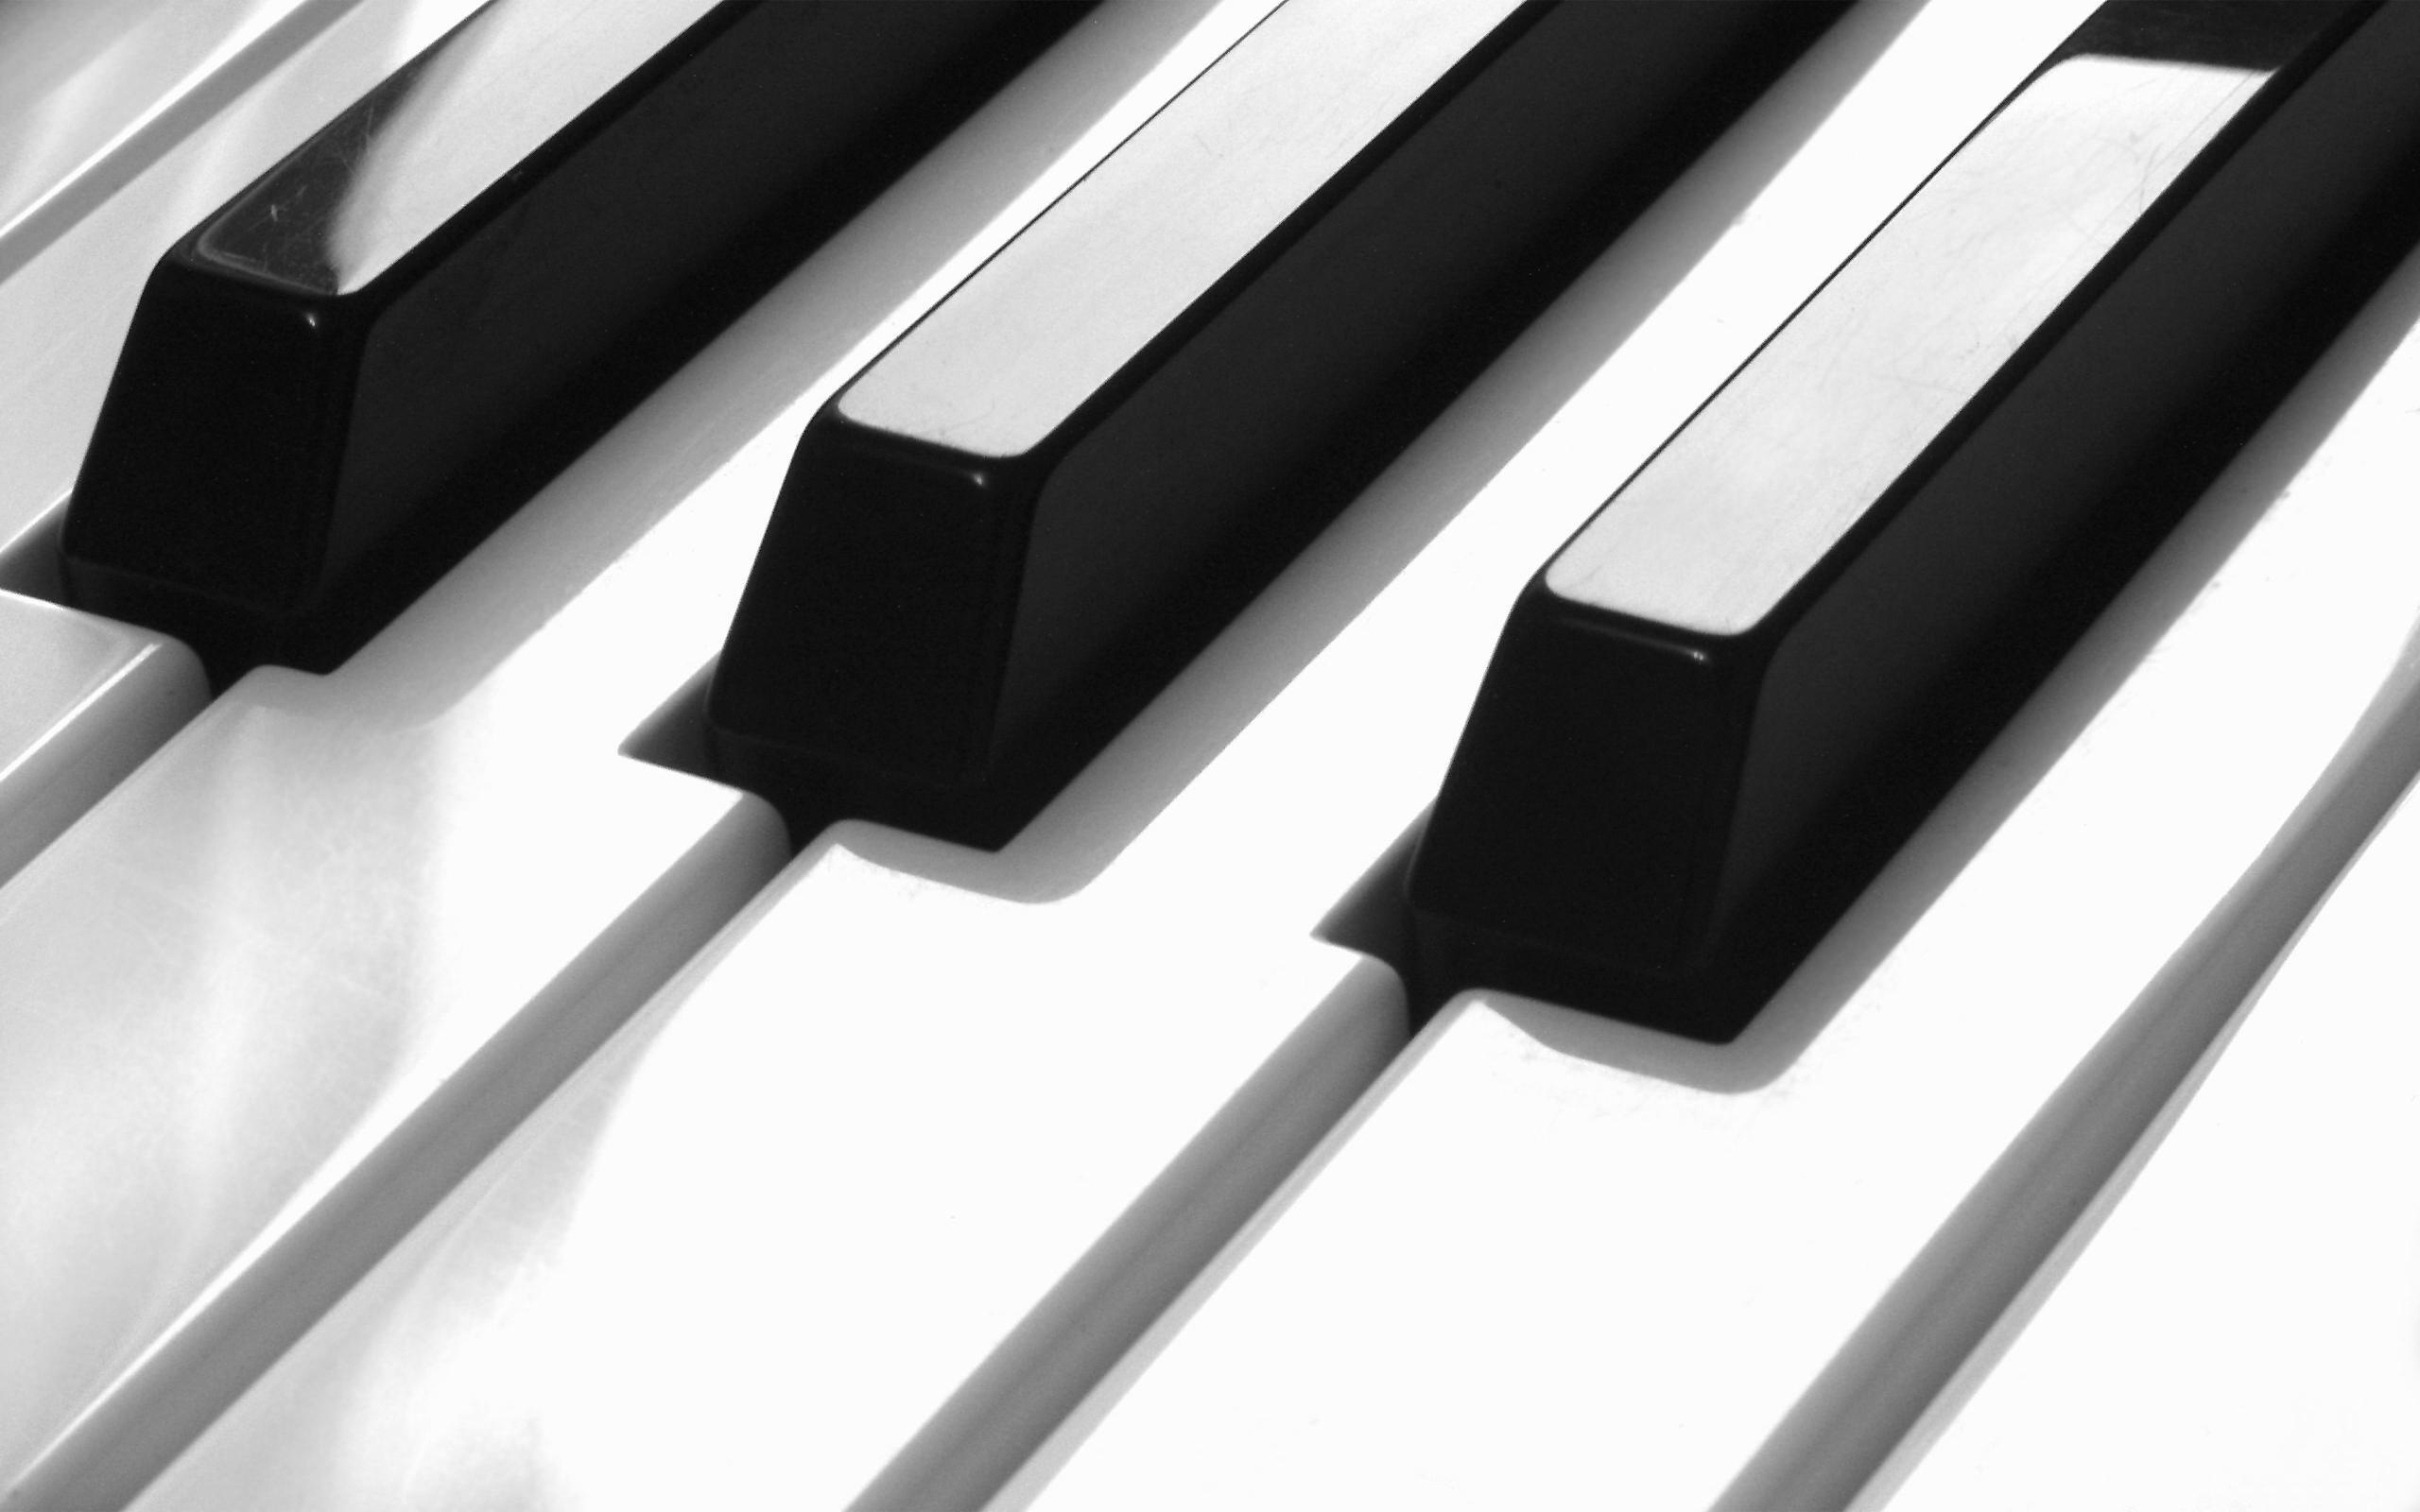 походку картинки клавишные рабочий стол высоком разрешении обои